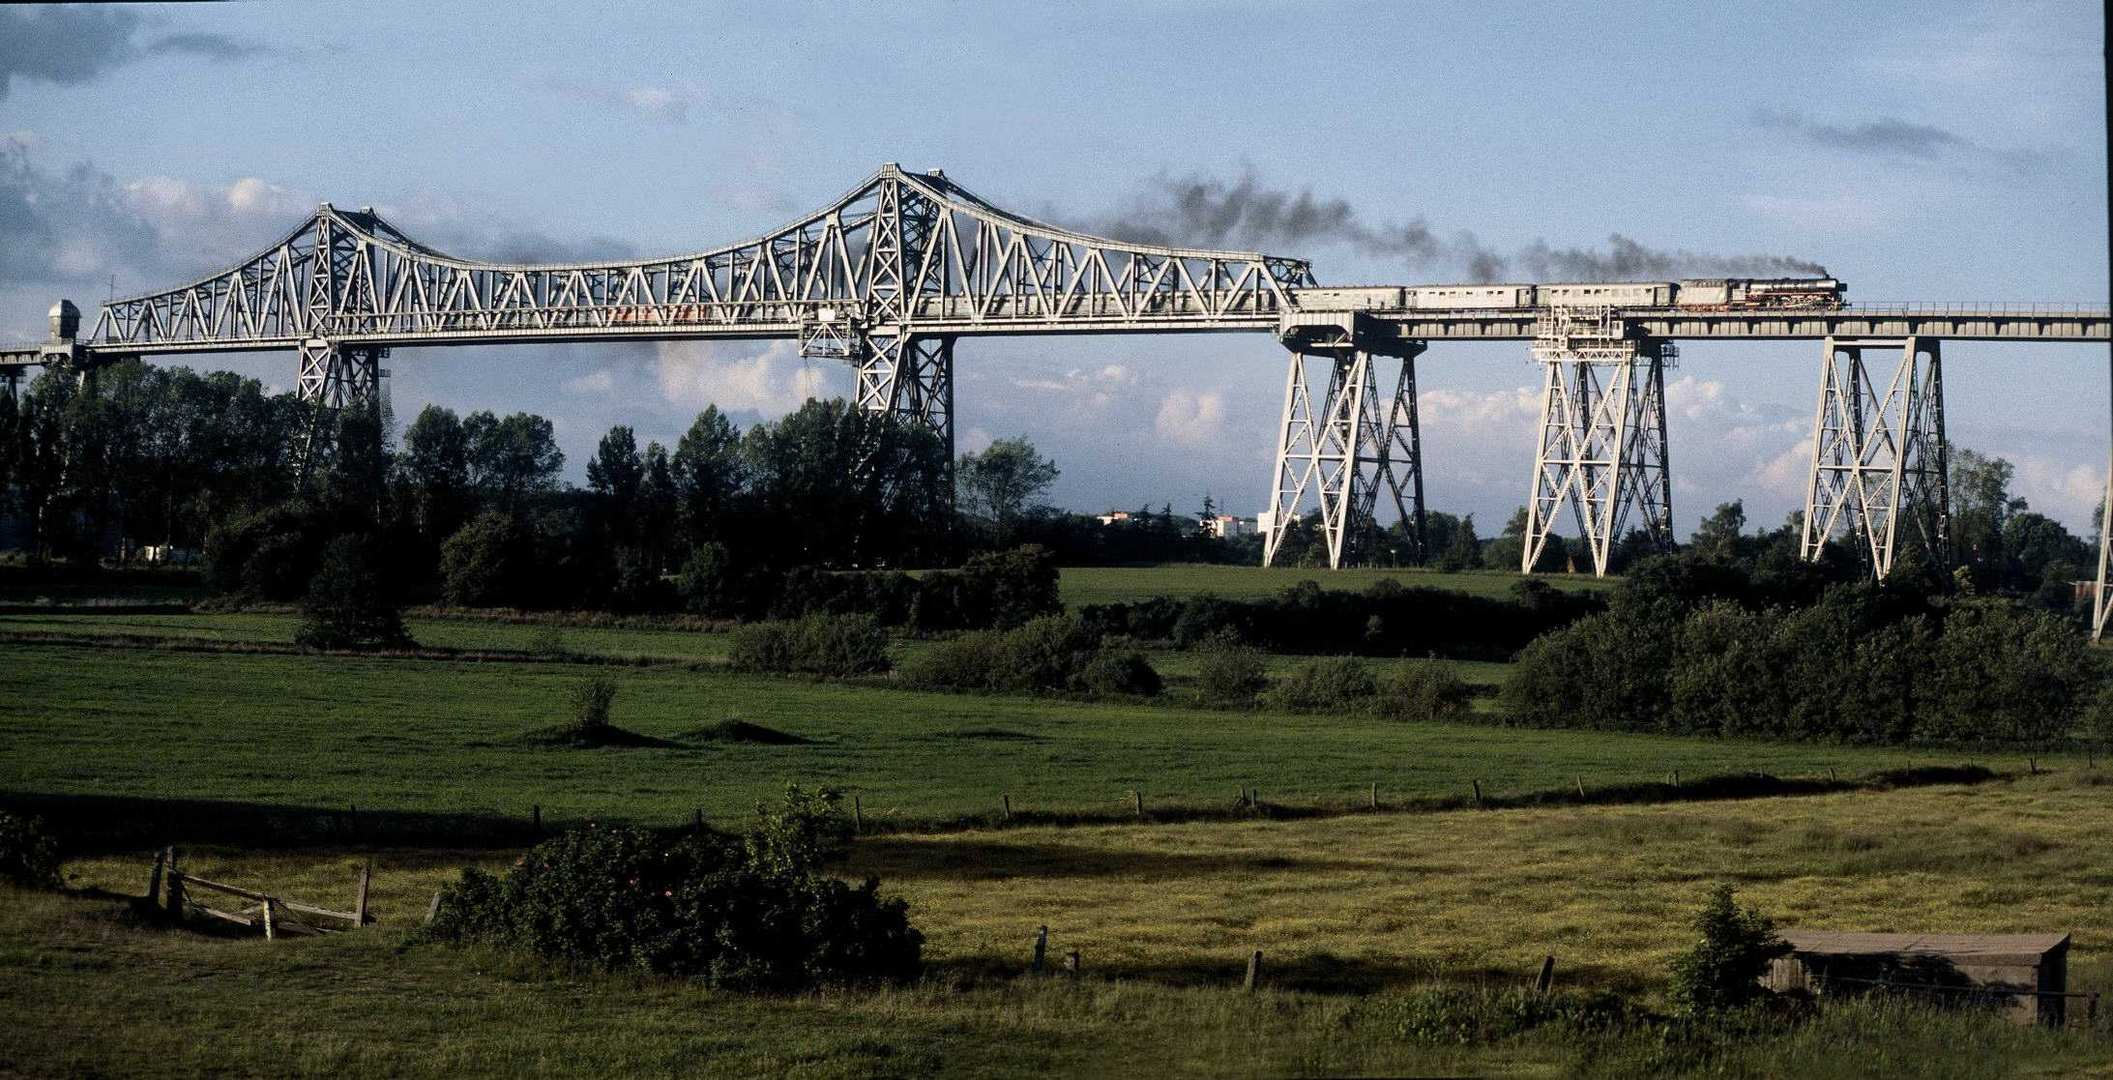 Schimmelreiter Rendsburger Hochbrücke 1988